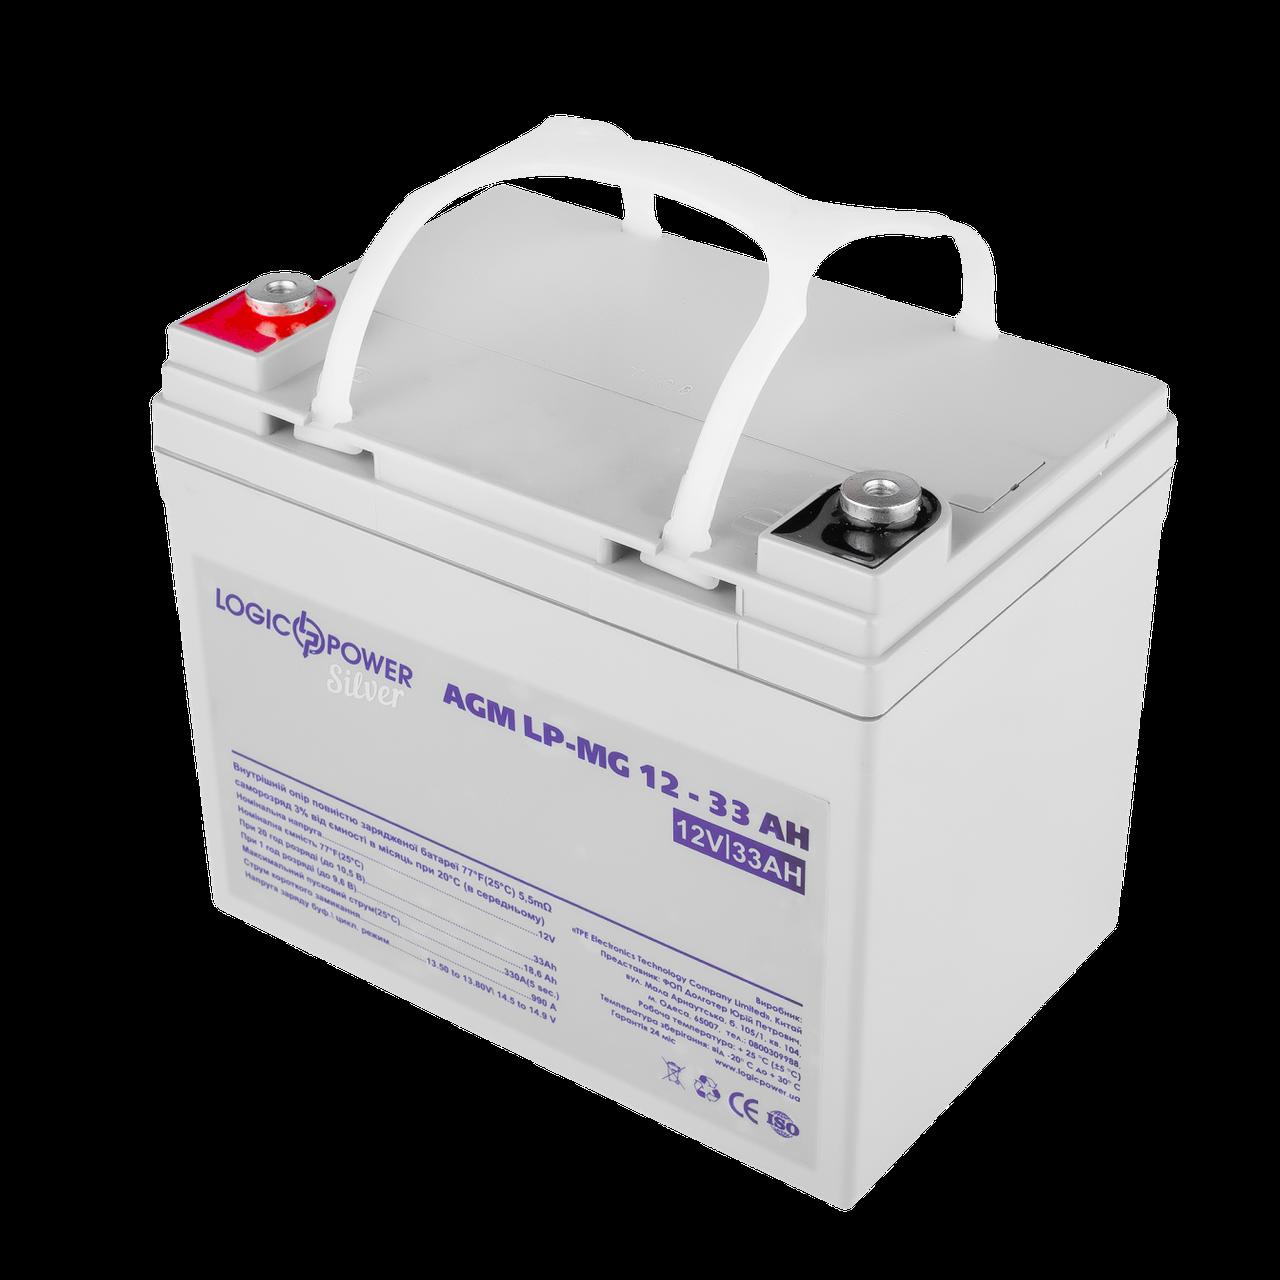 Аккумулятор мультигелевый AGM LogicPower LP-MG 12 - 33 AH SILVER